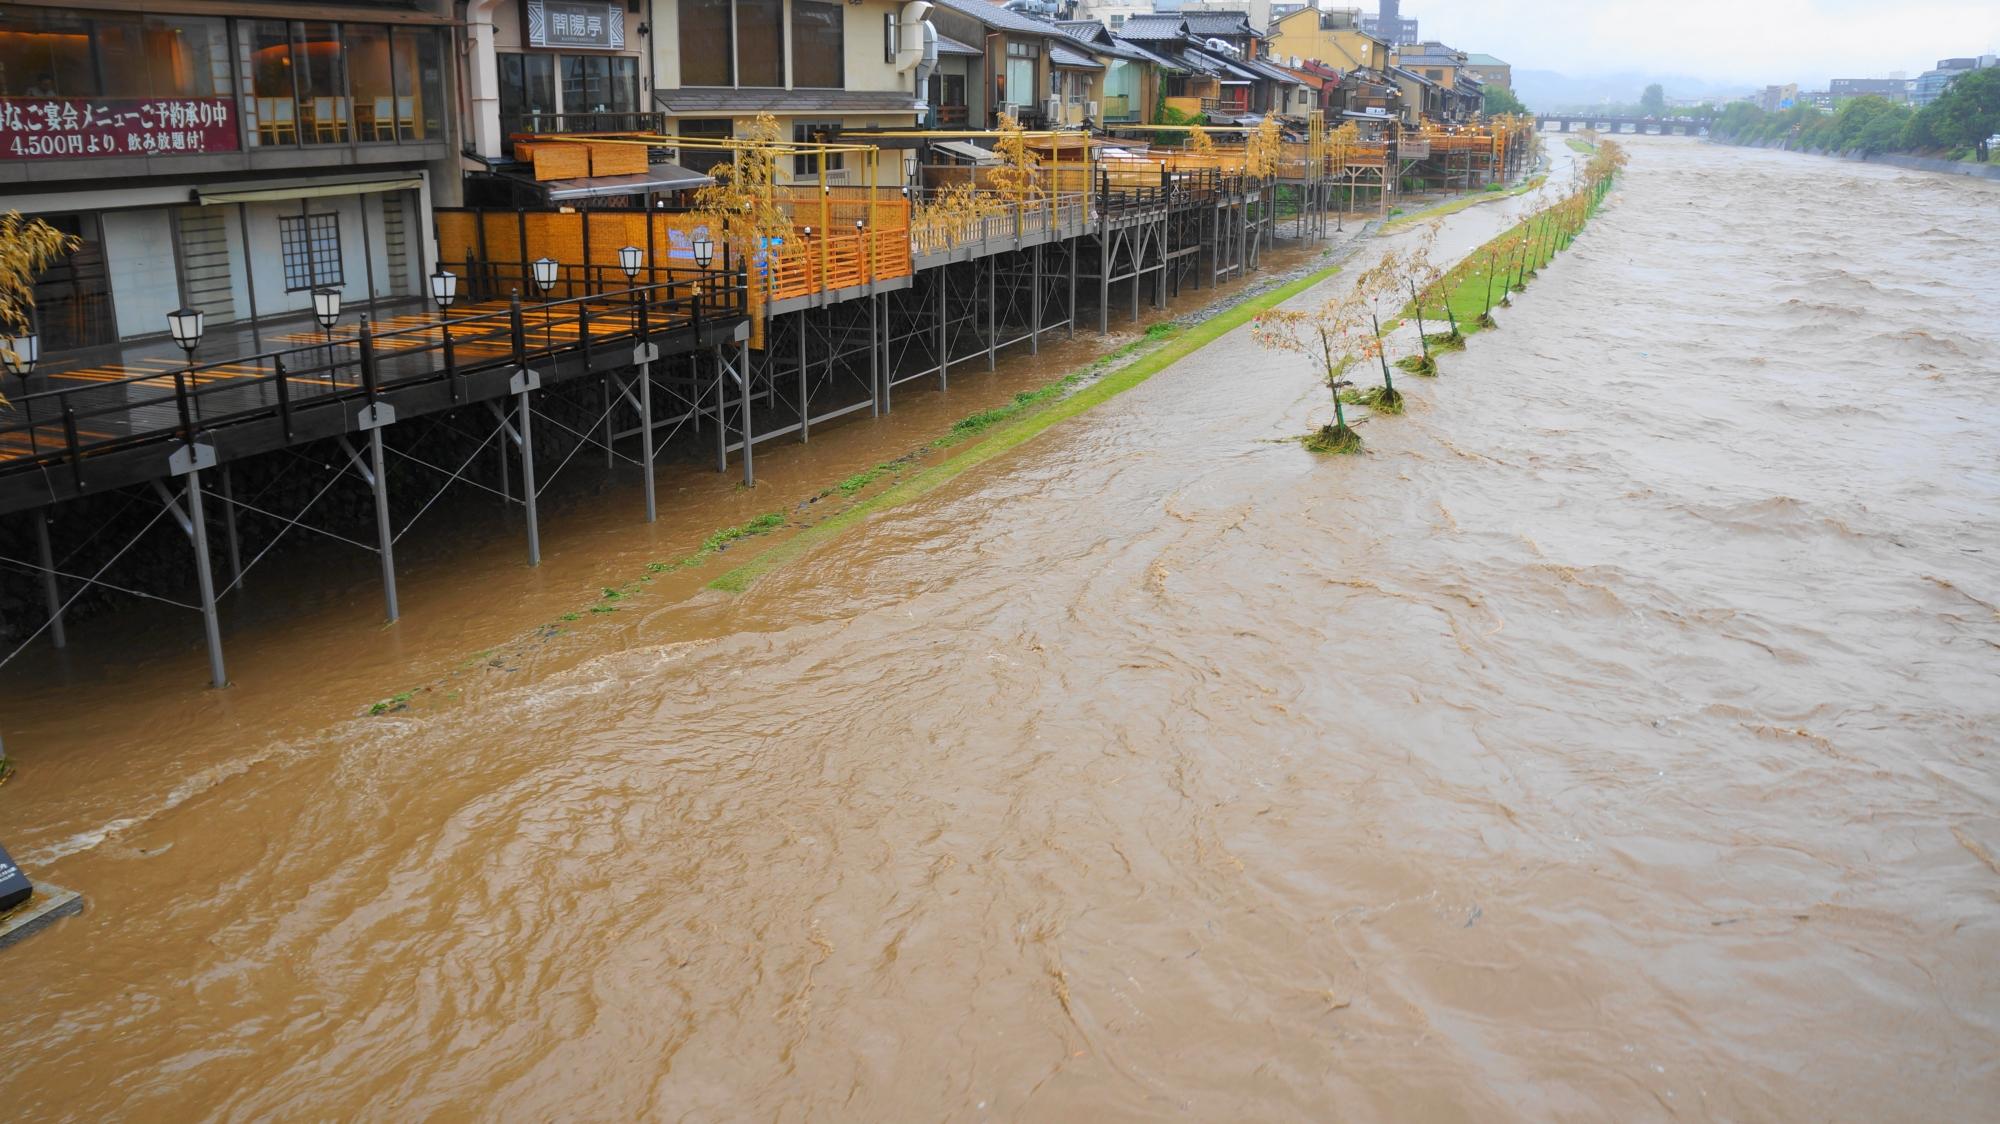 川床のすぐ下まで大量の水が迫る濁流の鴨川